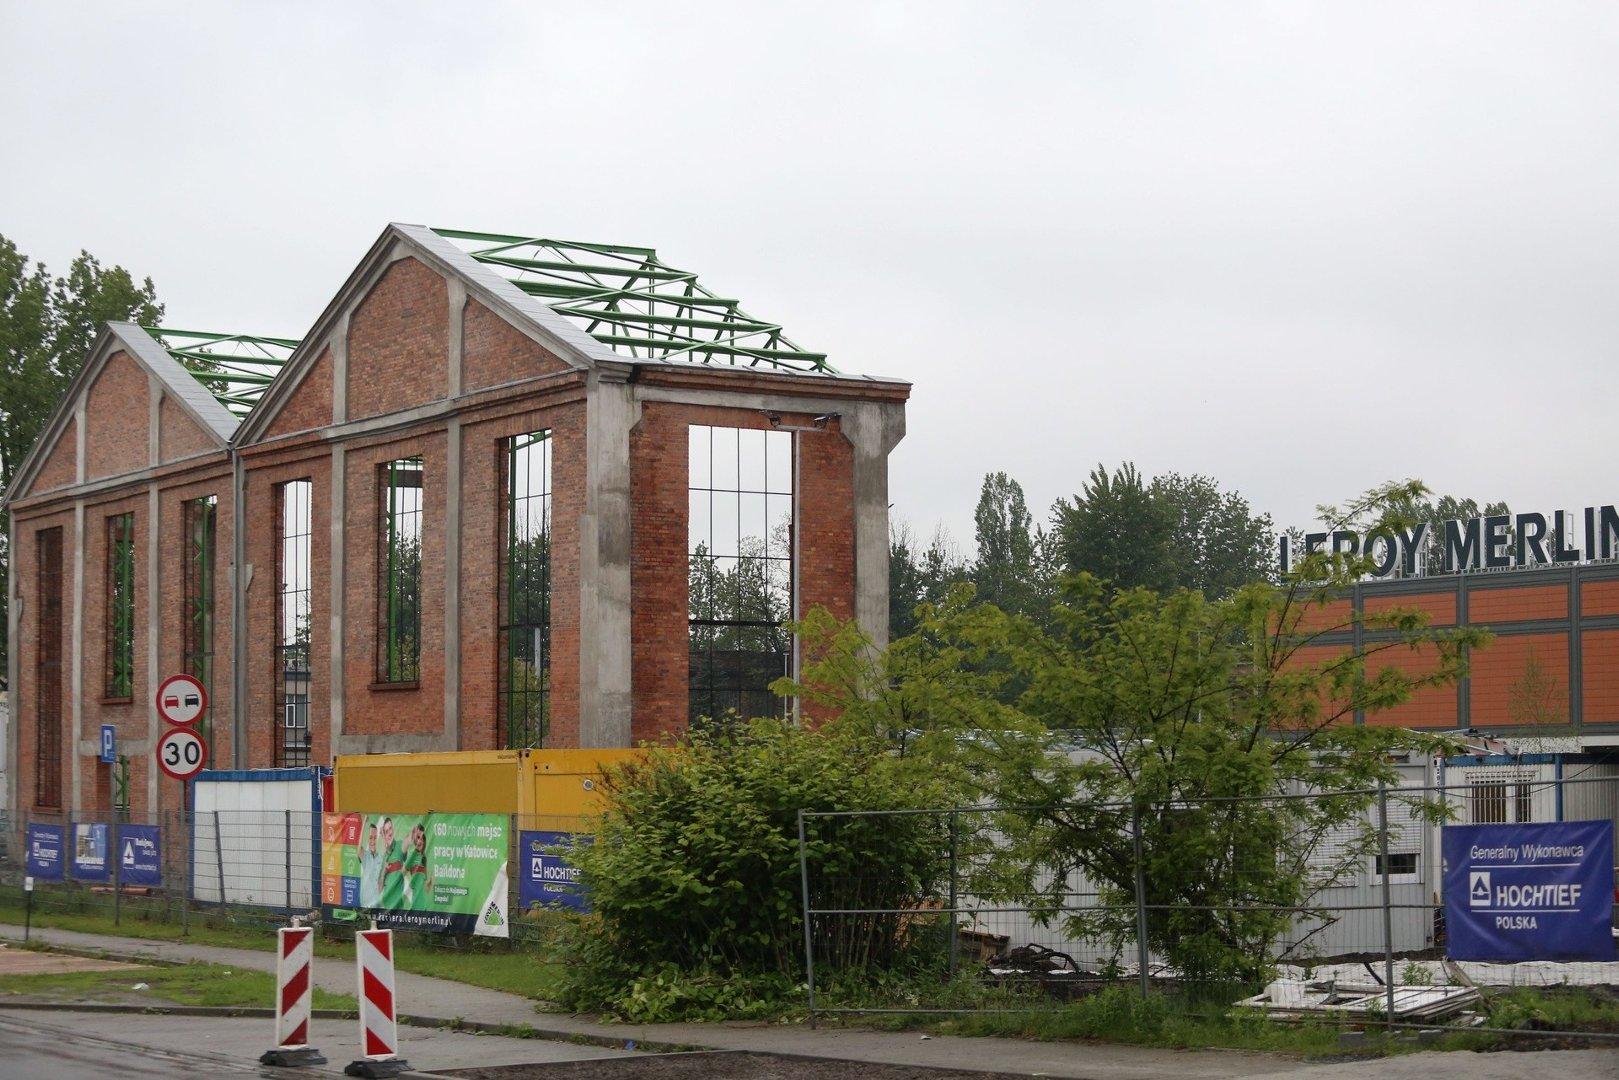 Nowy Sklep Leroy Merlin W Katowicach Jest Juz Prawie Gotowy Kiedy Otwarcie Zdjecia Dziennik Zachodni